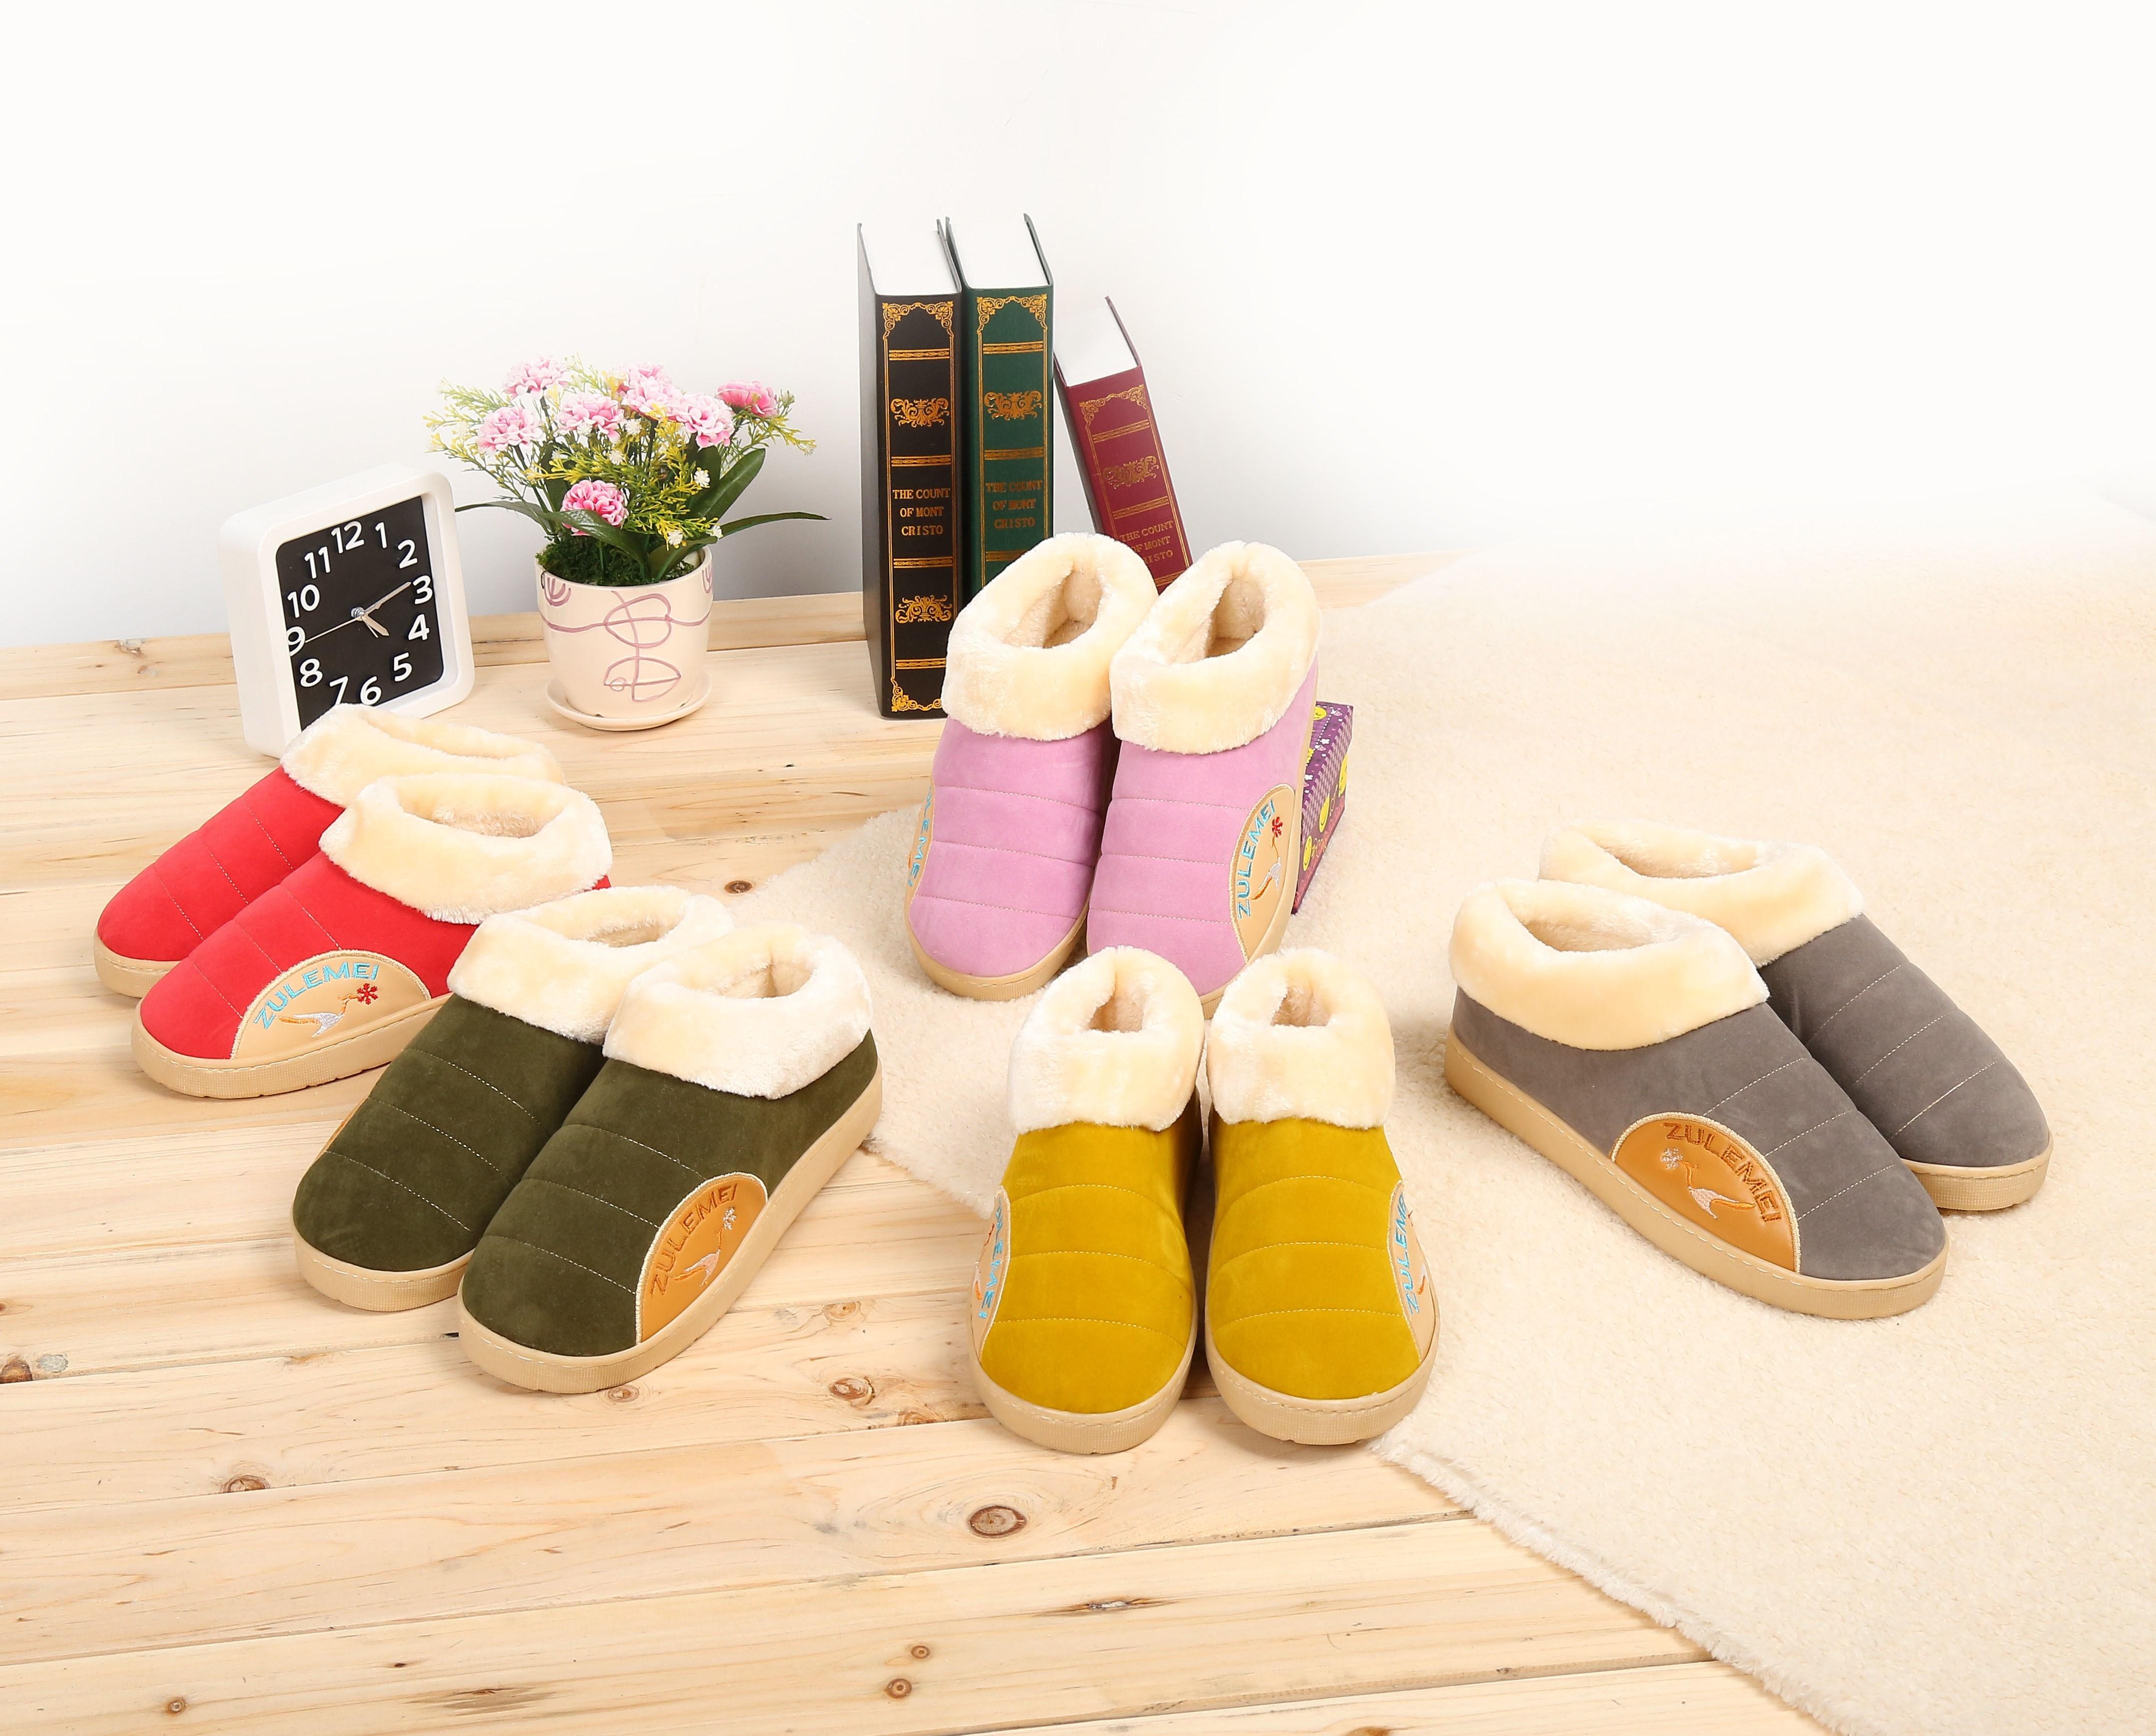 冬季居家男女暖脚宝插电式电暖鞋加热电热保暖鞋可行走充电棉拖鞋